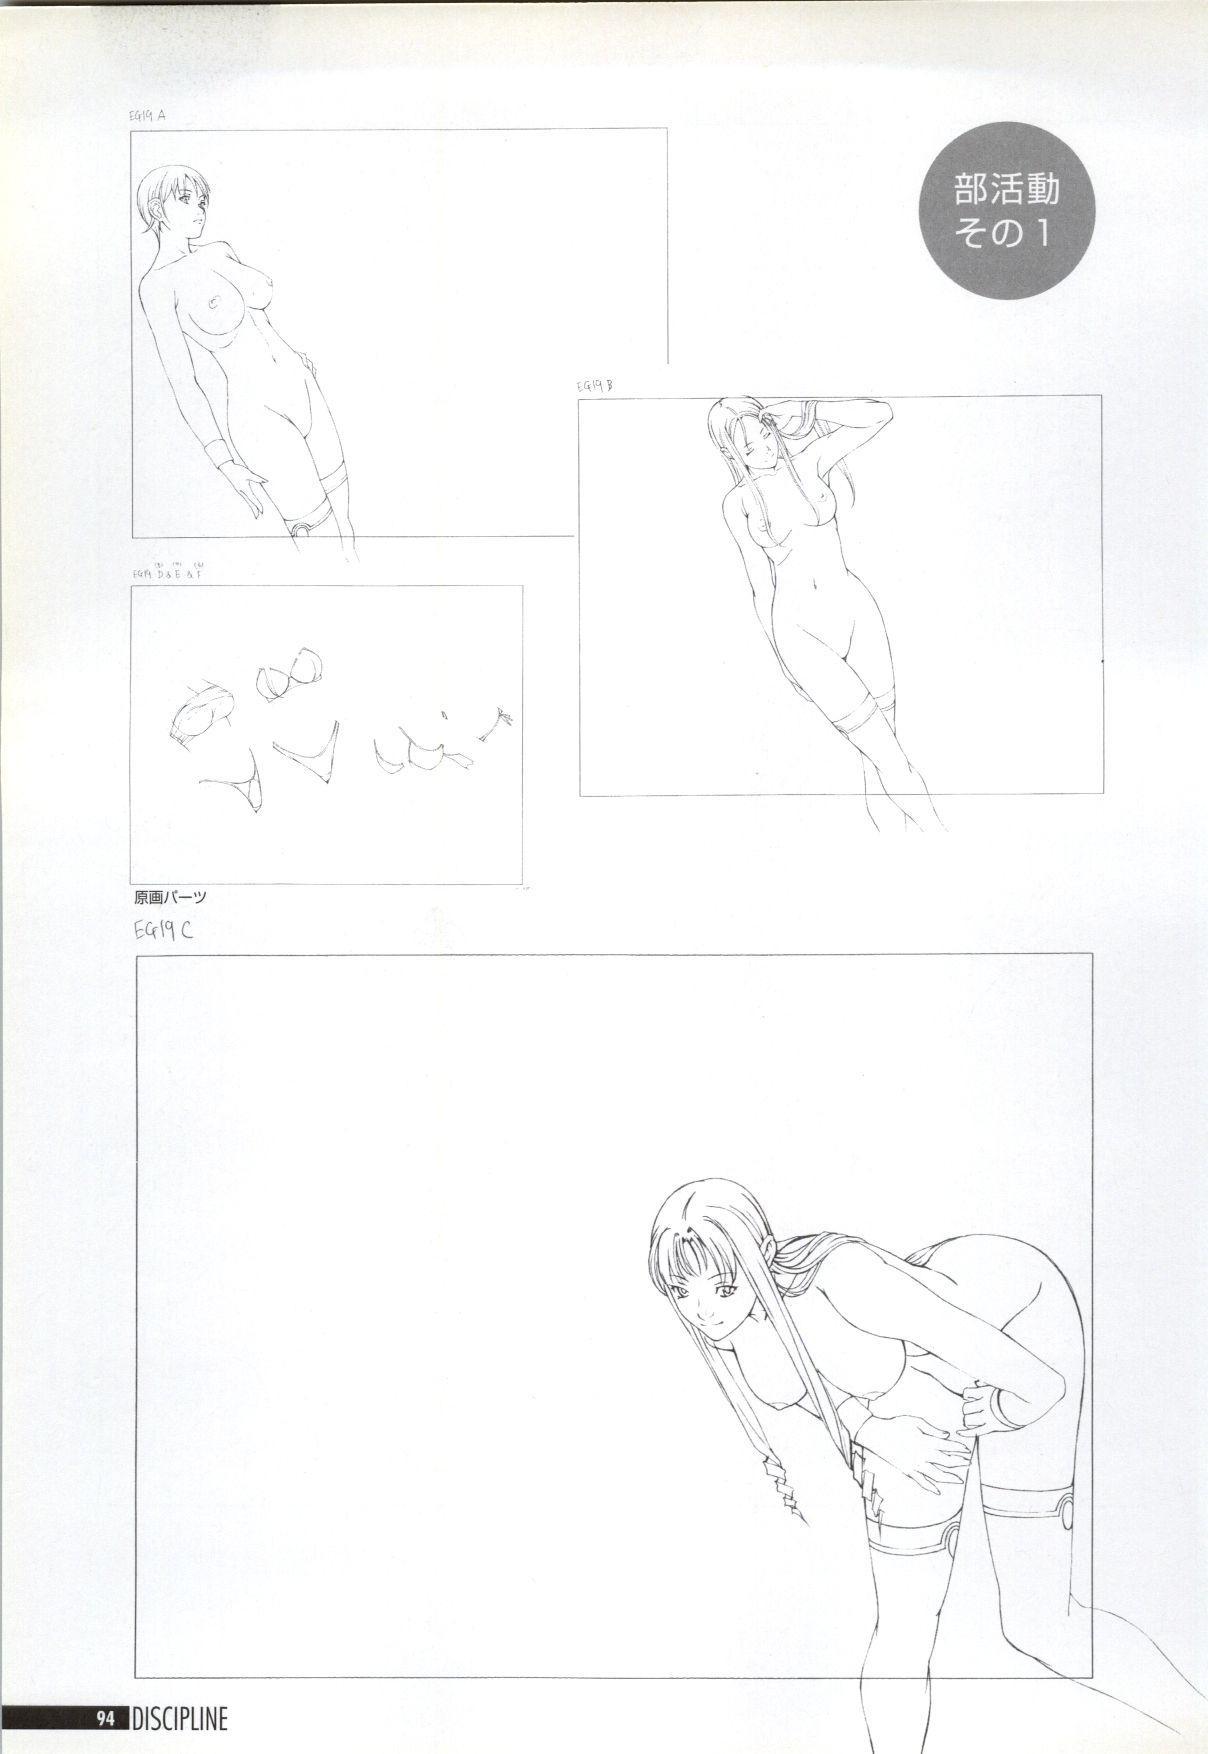 Discipline Artbook 94